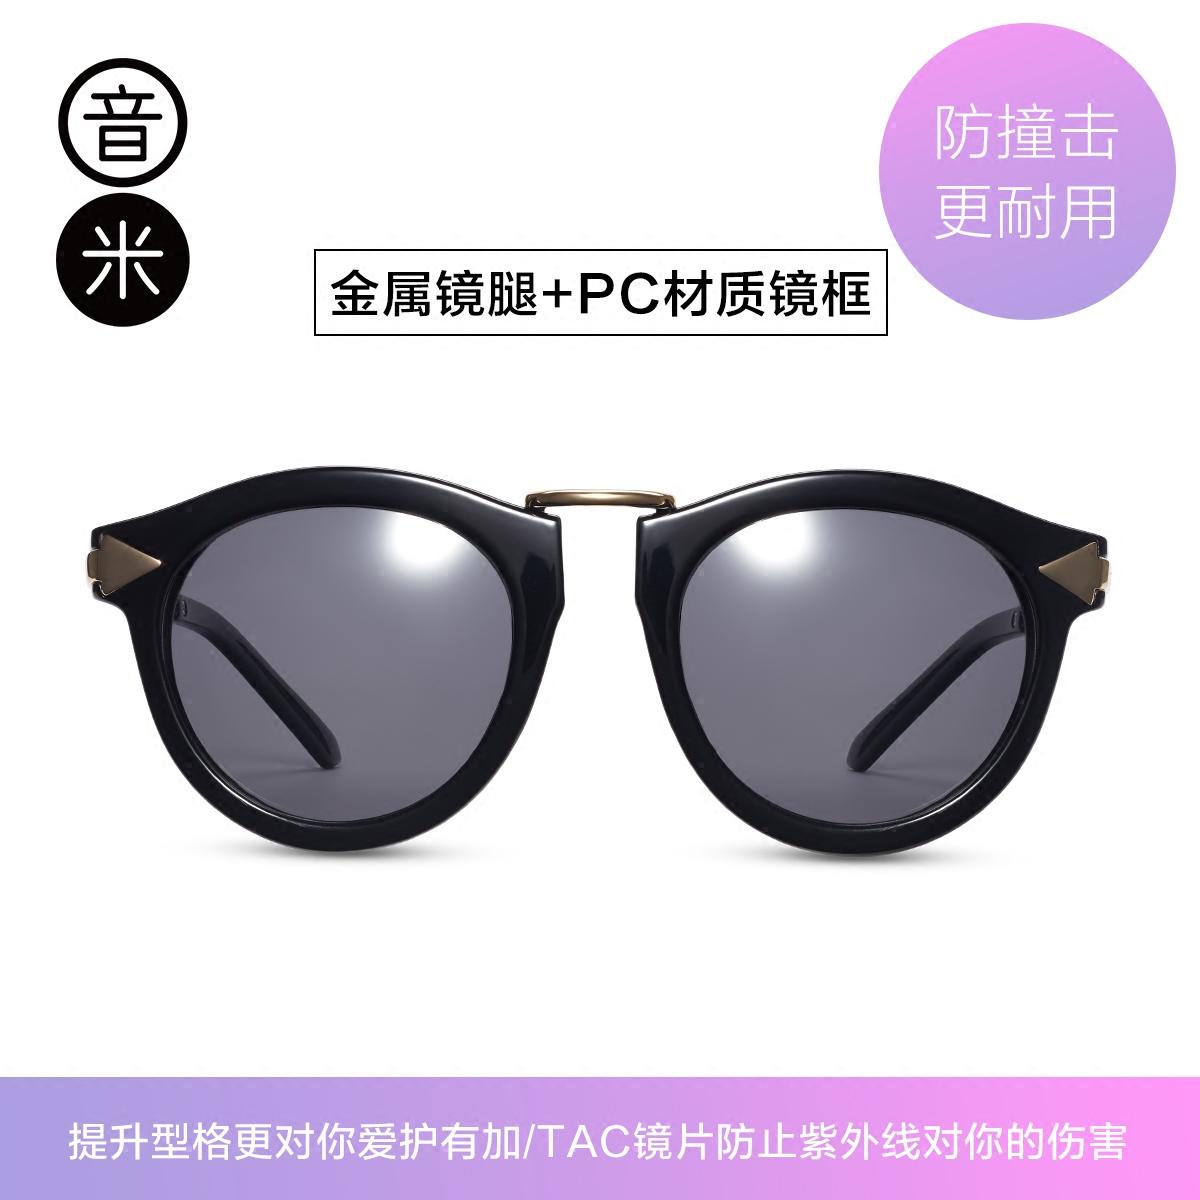 音米眼镜女偏光太阳镜 女潮圆脸 复古眼镜可配近视墨镜女长脸